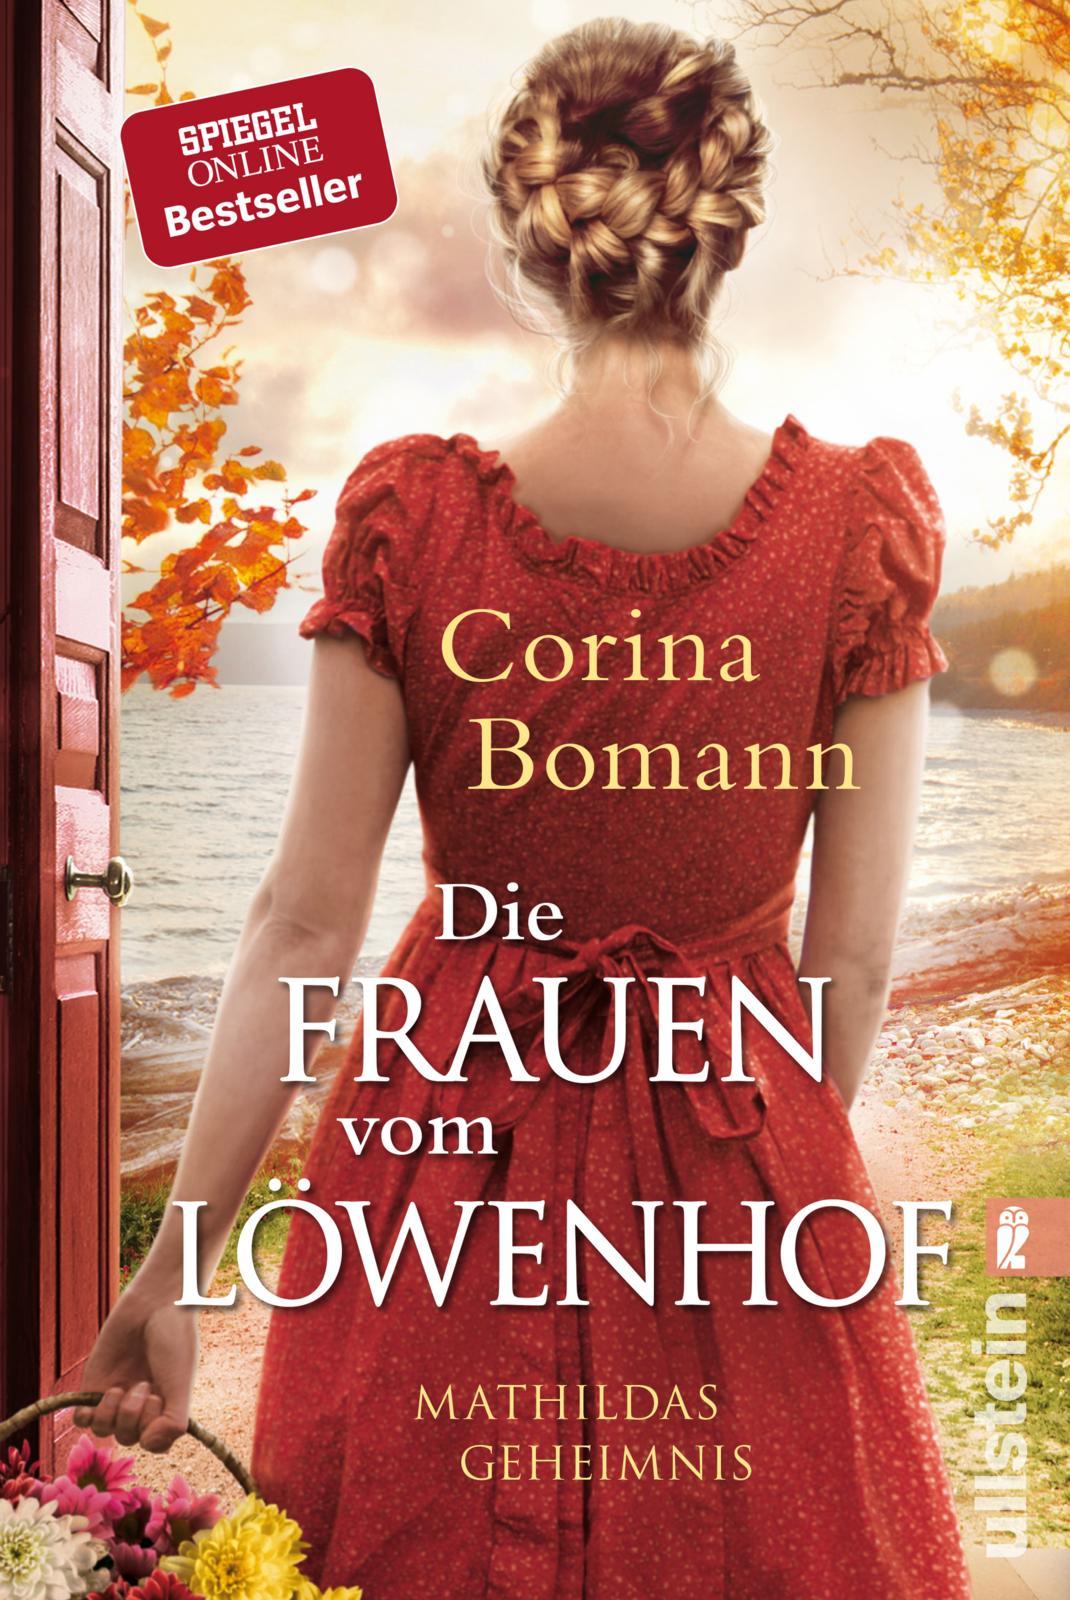 Corina Bomann auf Spiegel-Bestsellerliste Platz 1